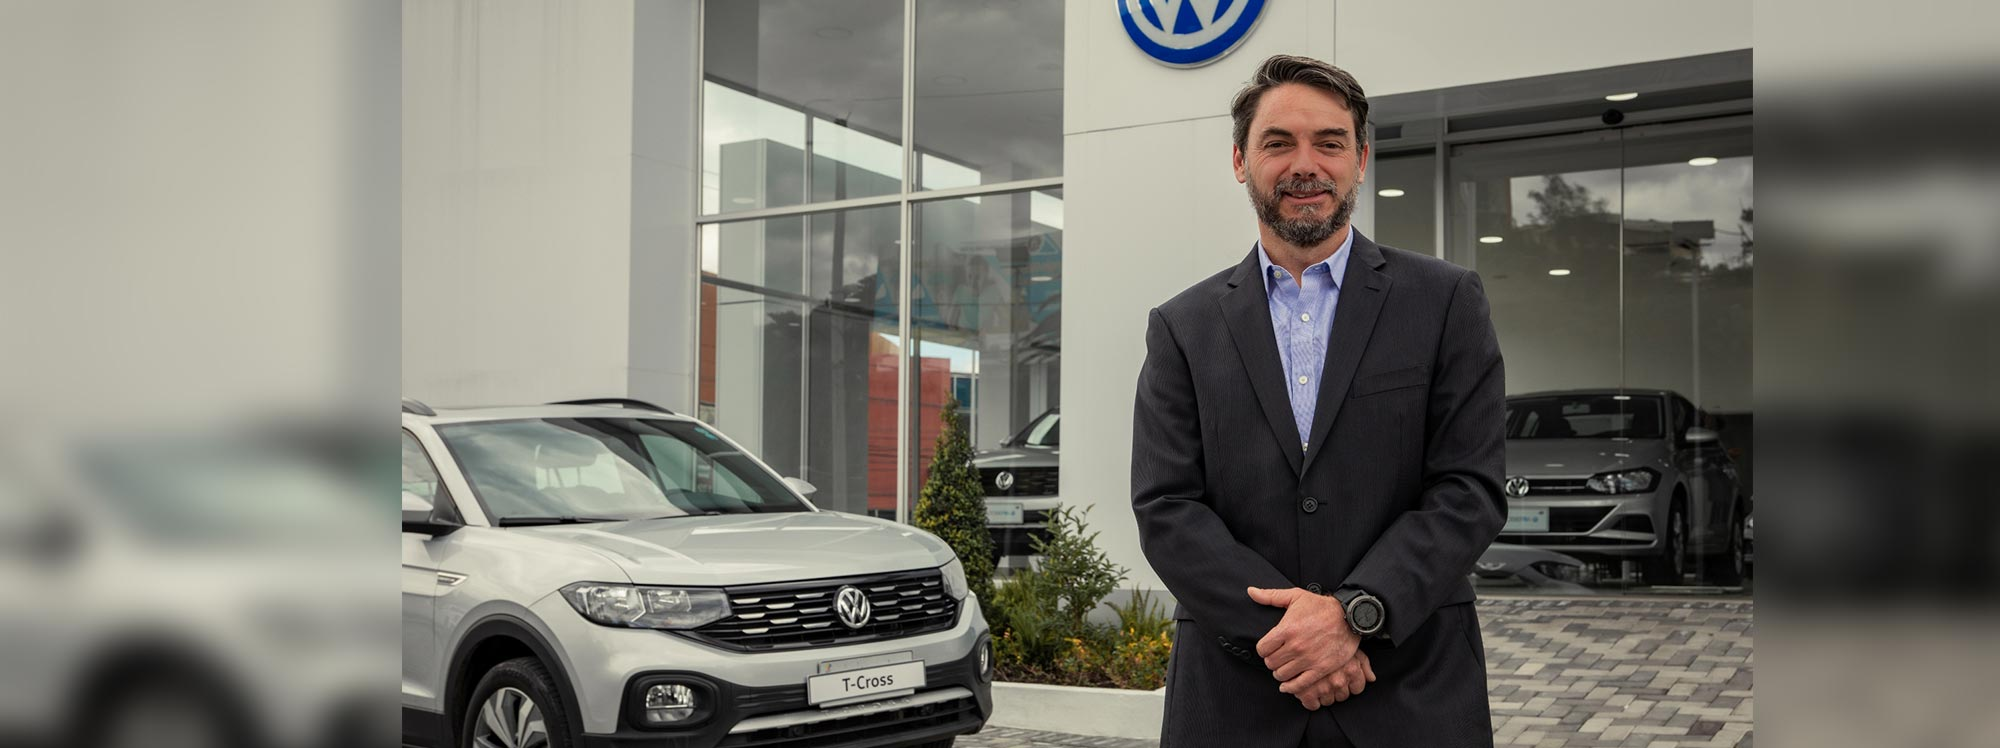 ¿Le gustaría conocer anticipadamente el costo del mantenimiento de su Volkswagen?